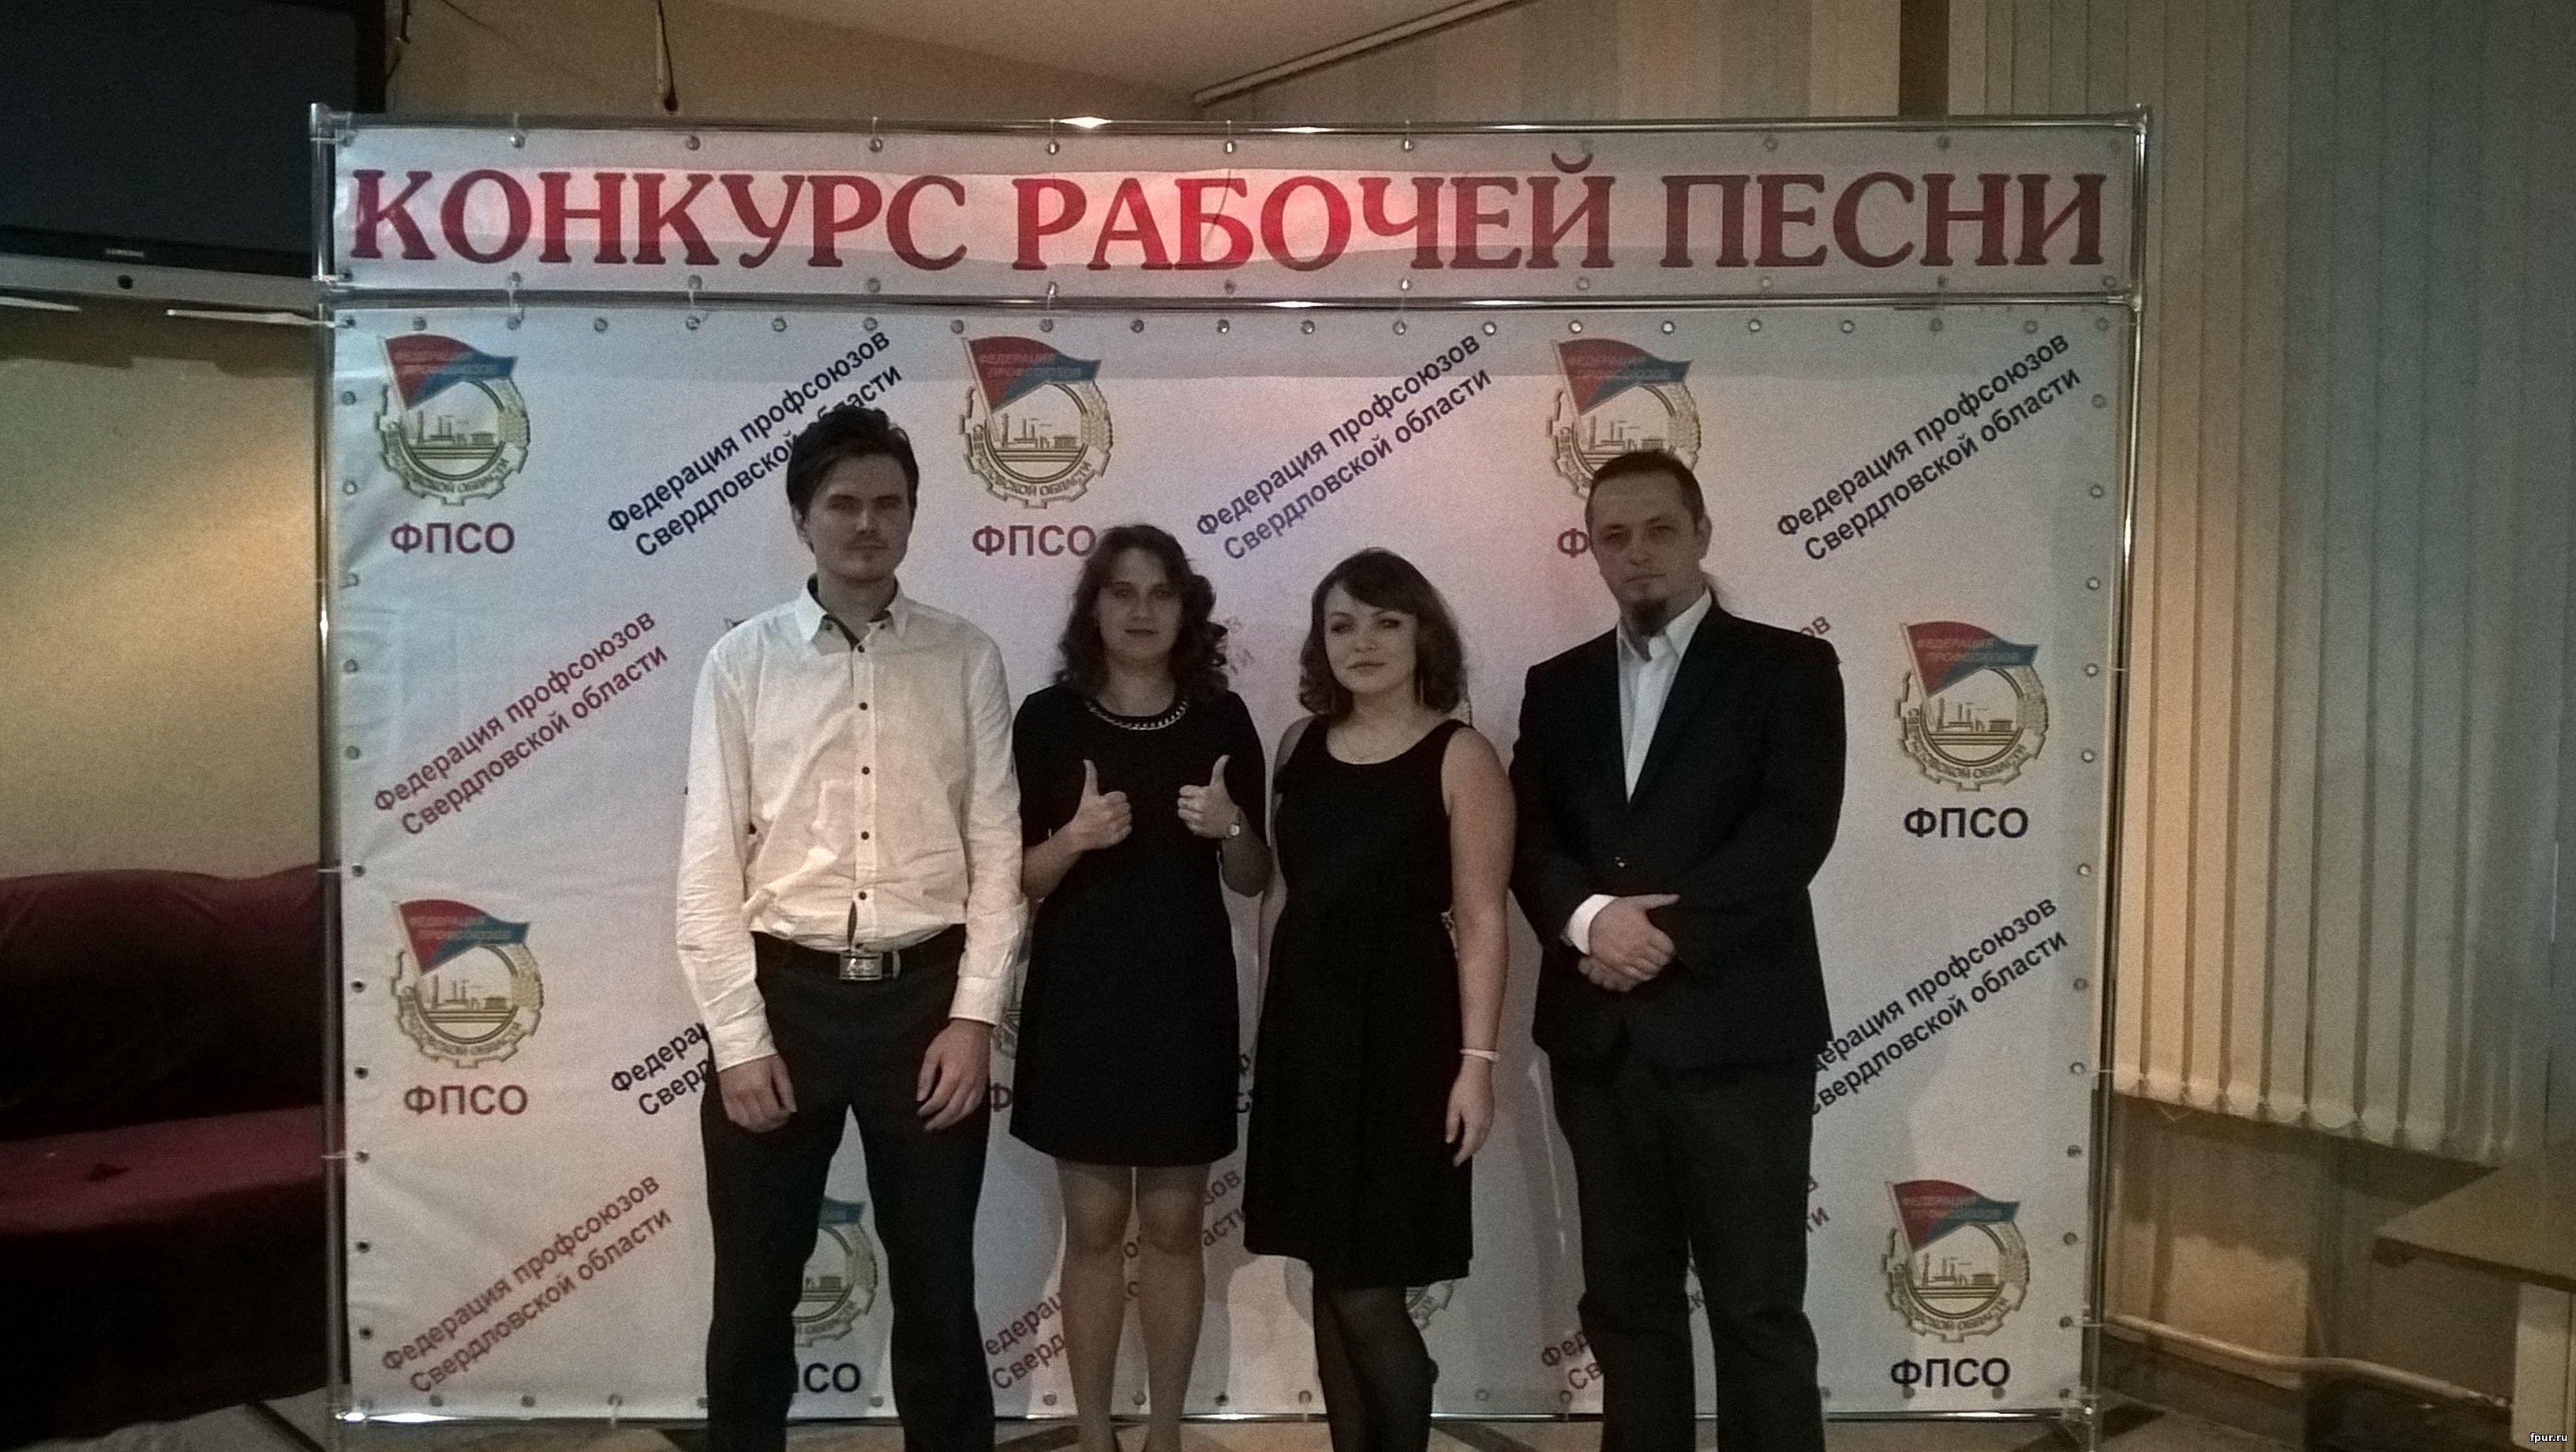 Конкурс имени лаврова